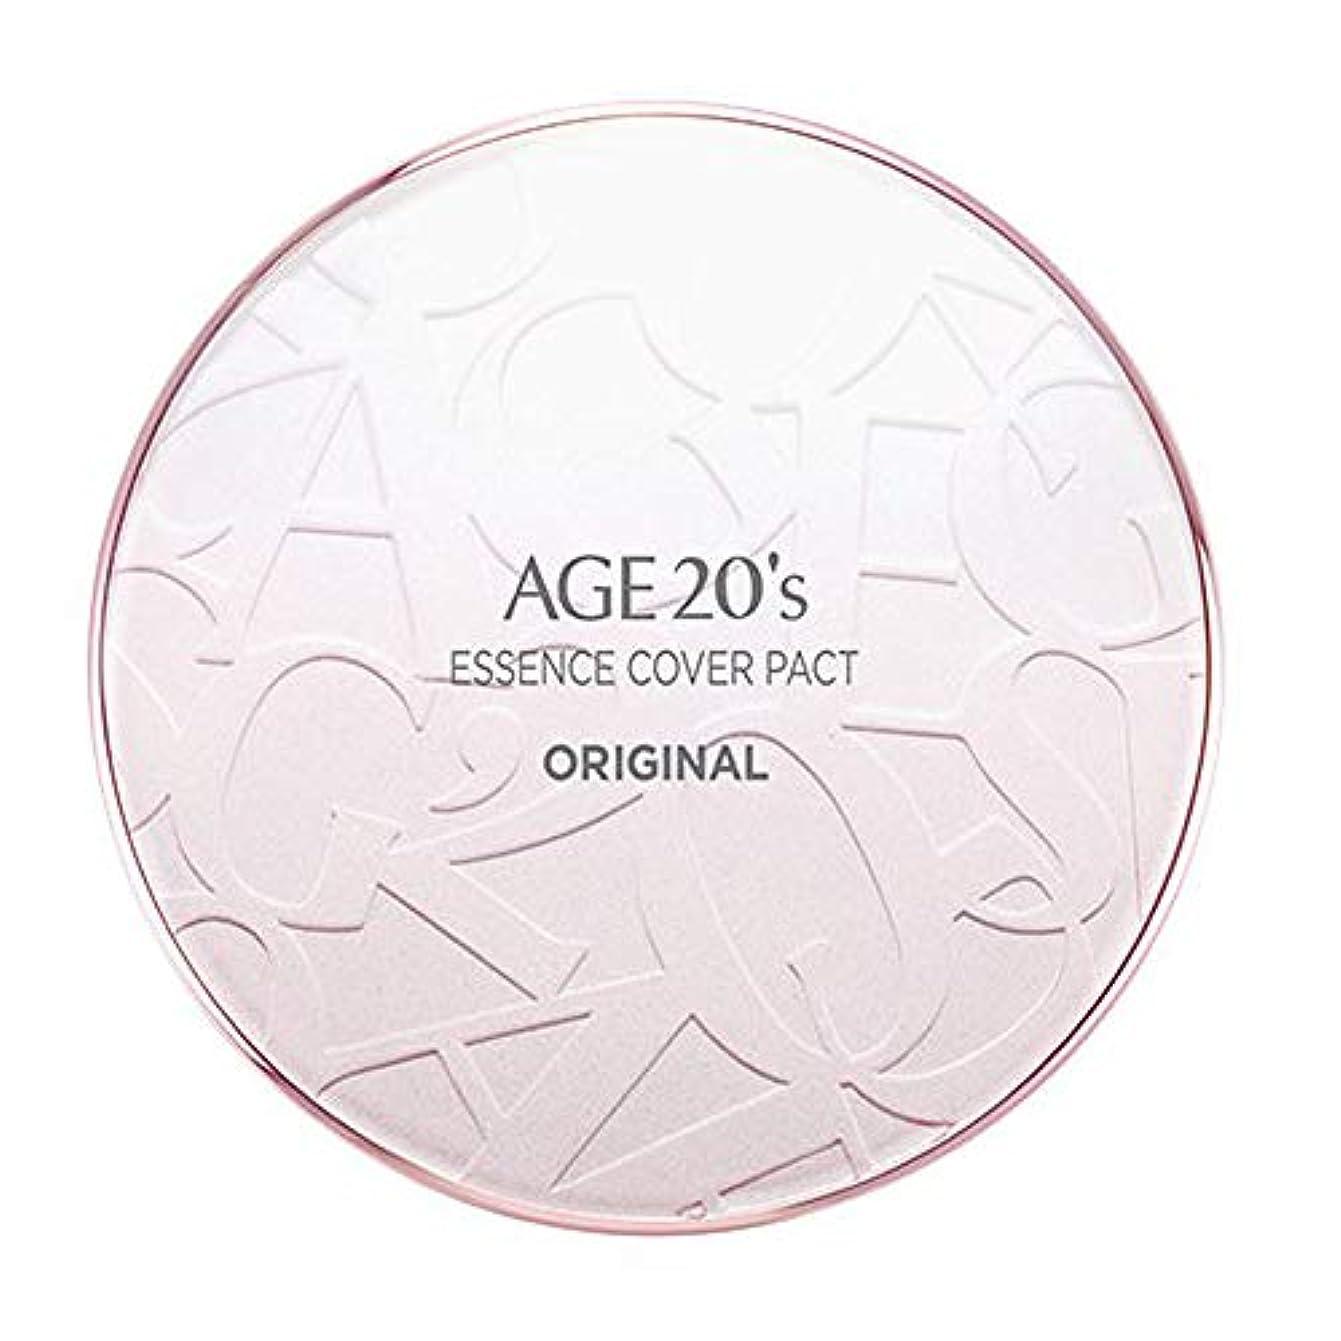 出費純正麦芽AGE 20's(エイジ20's) エッセンスカバーパクトオリジナル(本品1個+リフィル2個付)ケースカラーピンク (23号)